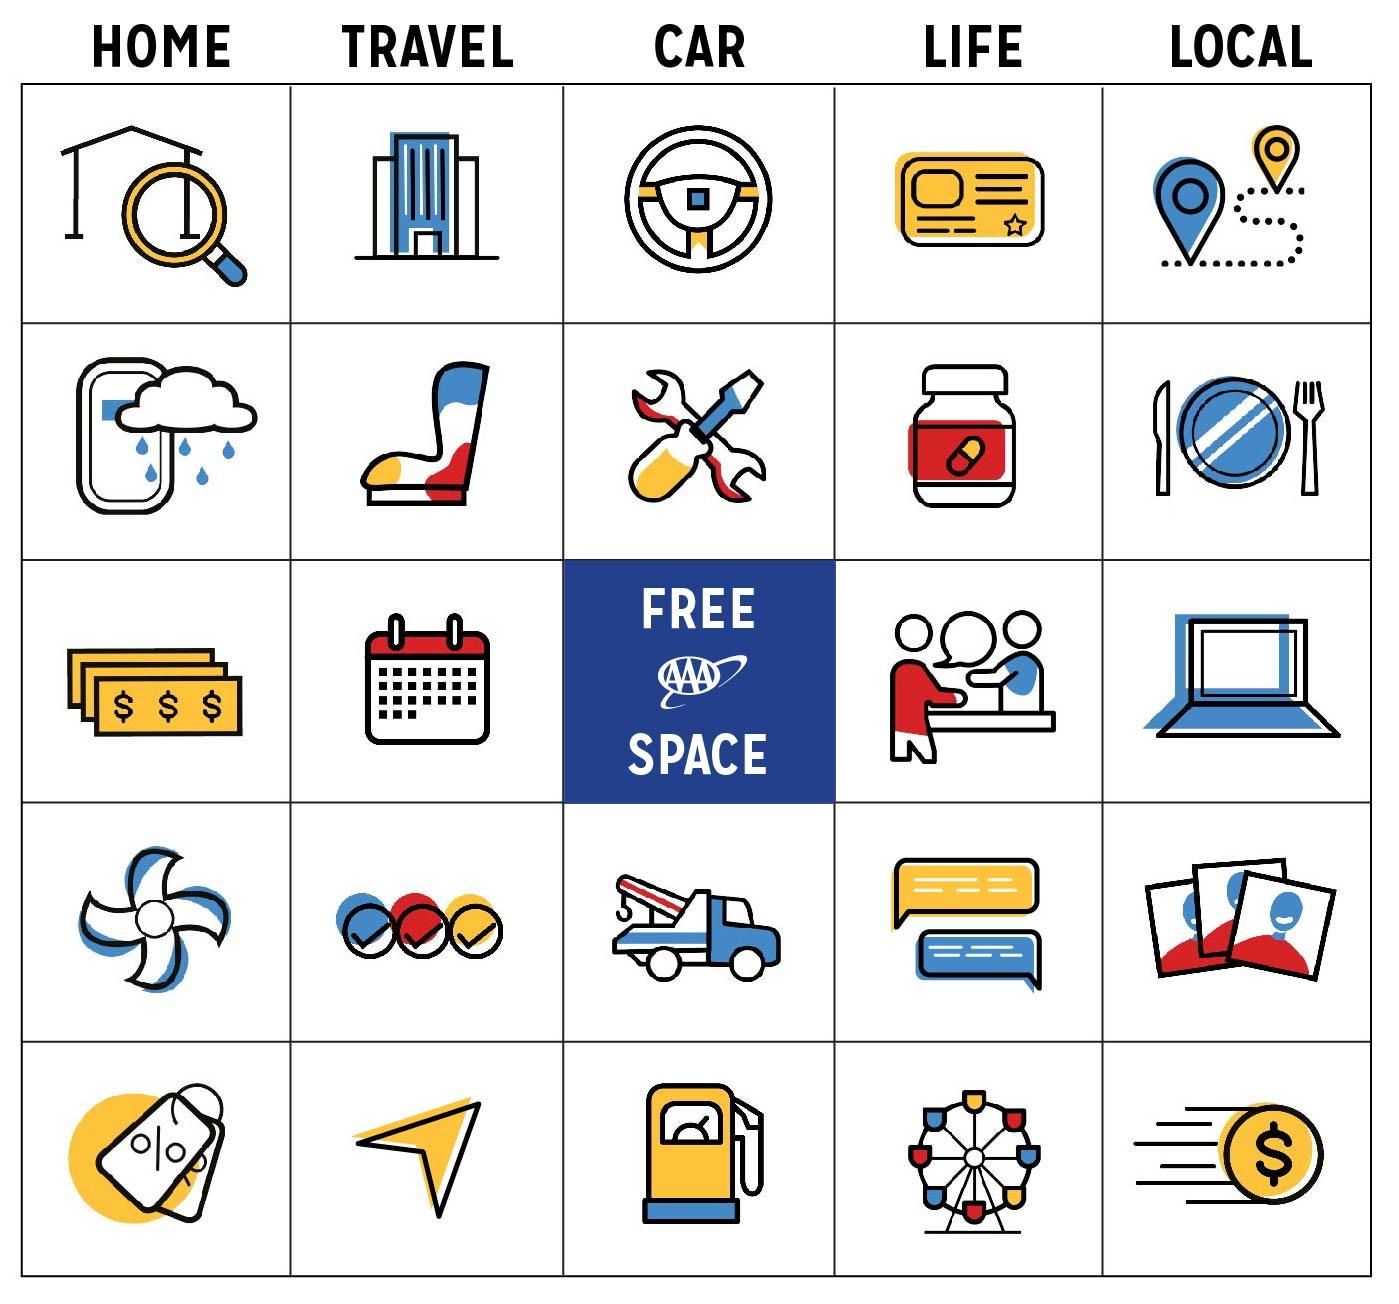 aaa-membership-benefits-bingo-board-mobile